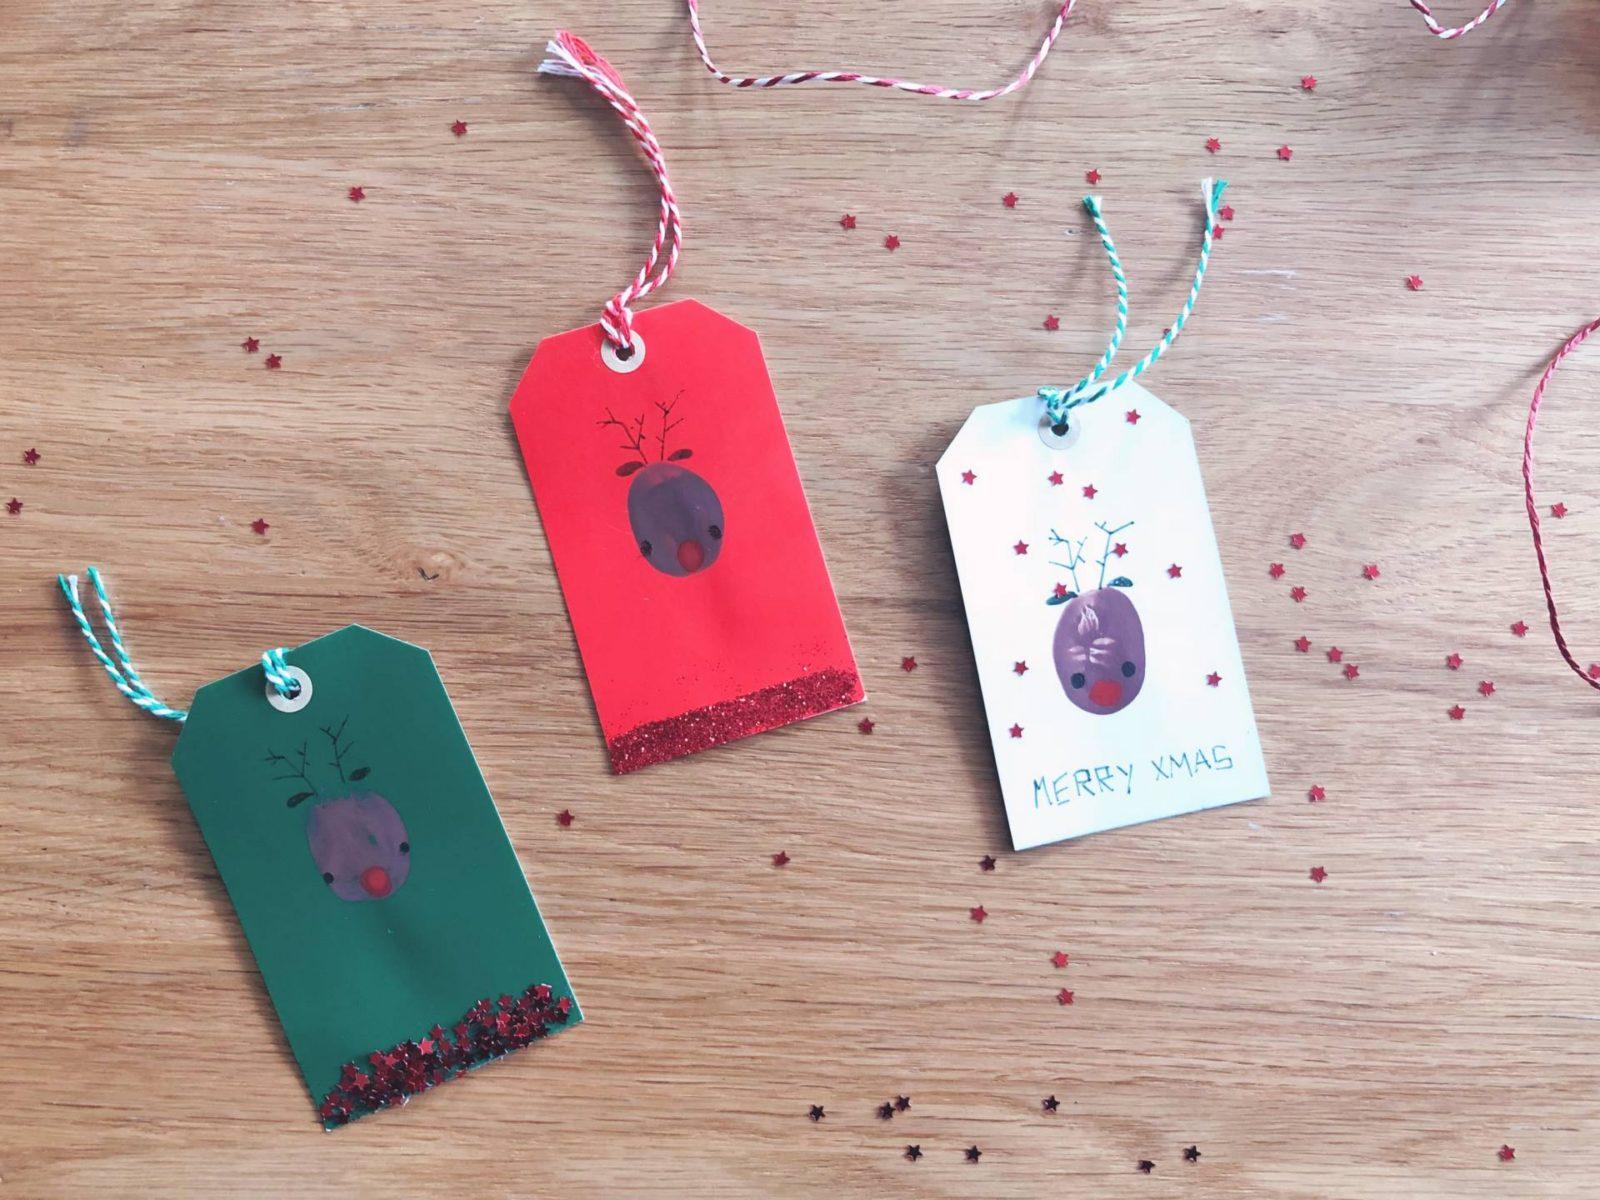 Thumbprint Reindeer Gift Tags – An Easy Christmas Craft